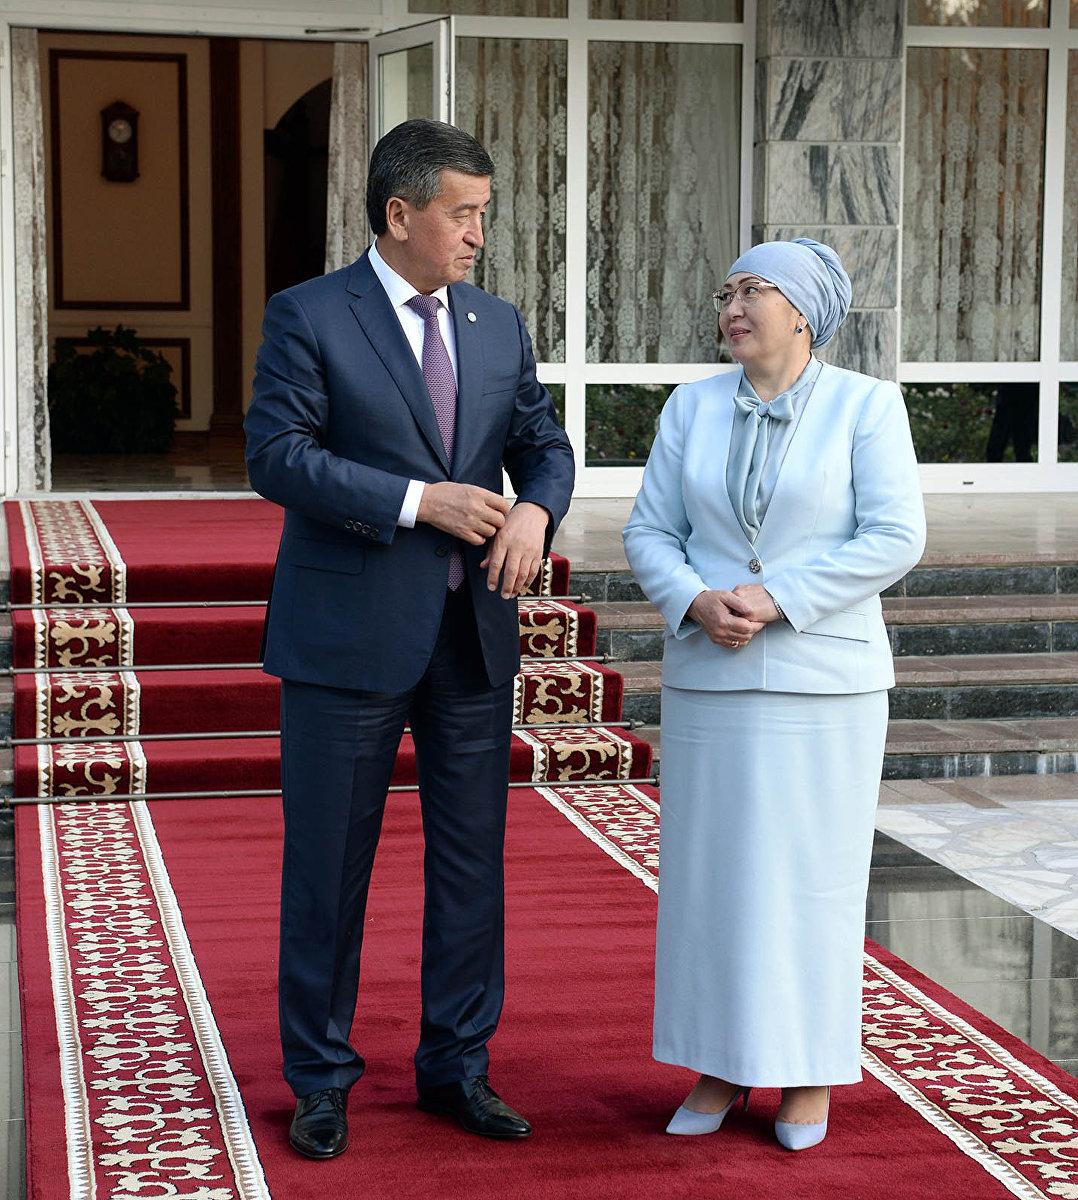 Президент Сооронбай Жээнбеков с супругой в ожидании зарубежных гостей